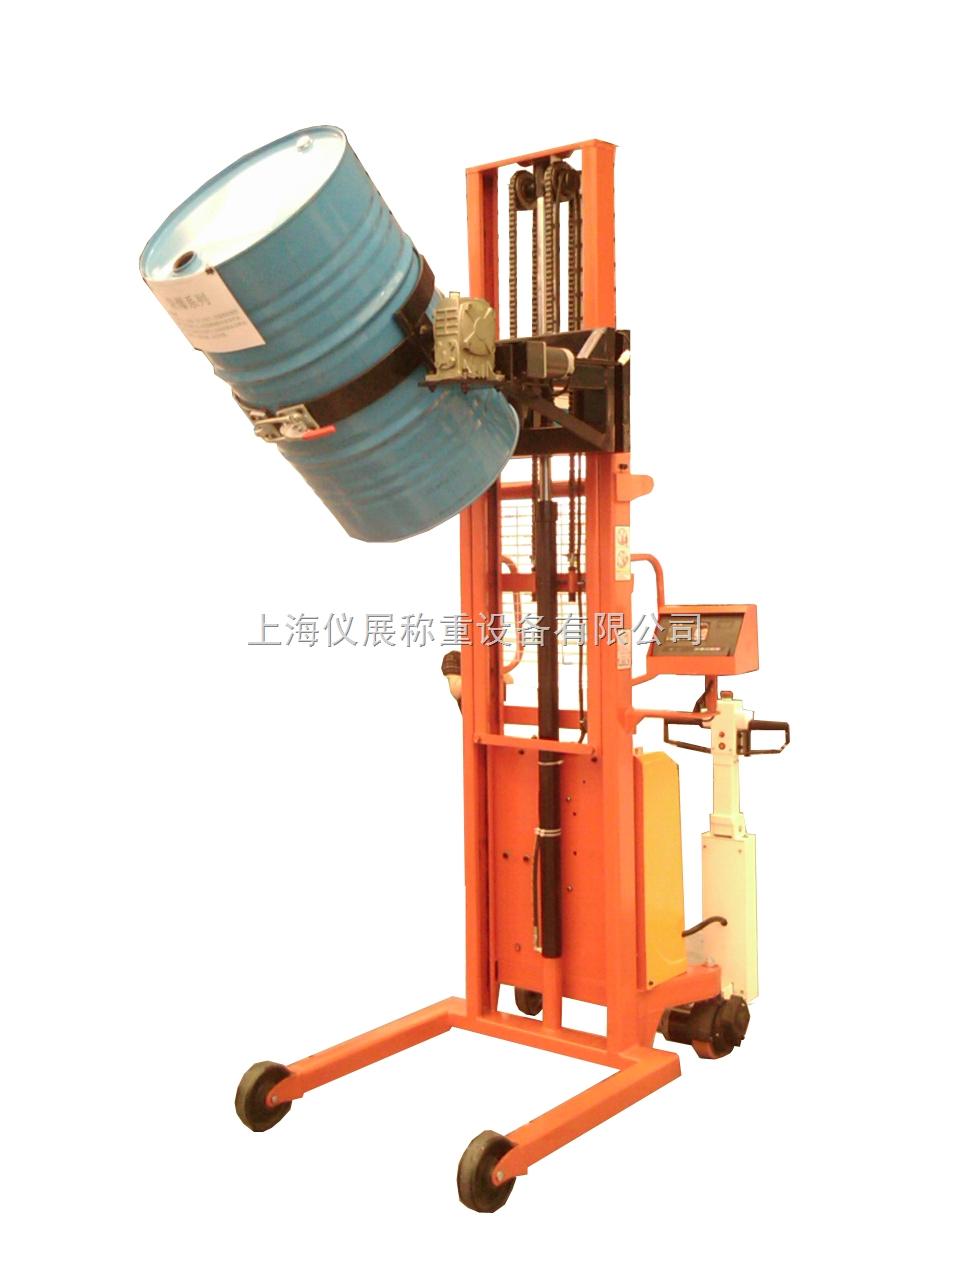 电子秤倒桶车350kg油桶秤价格